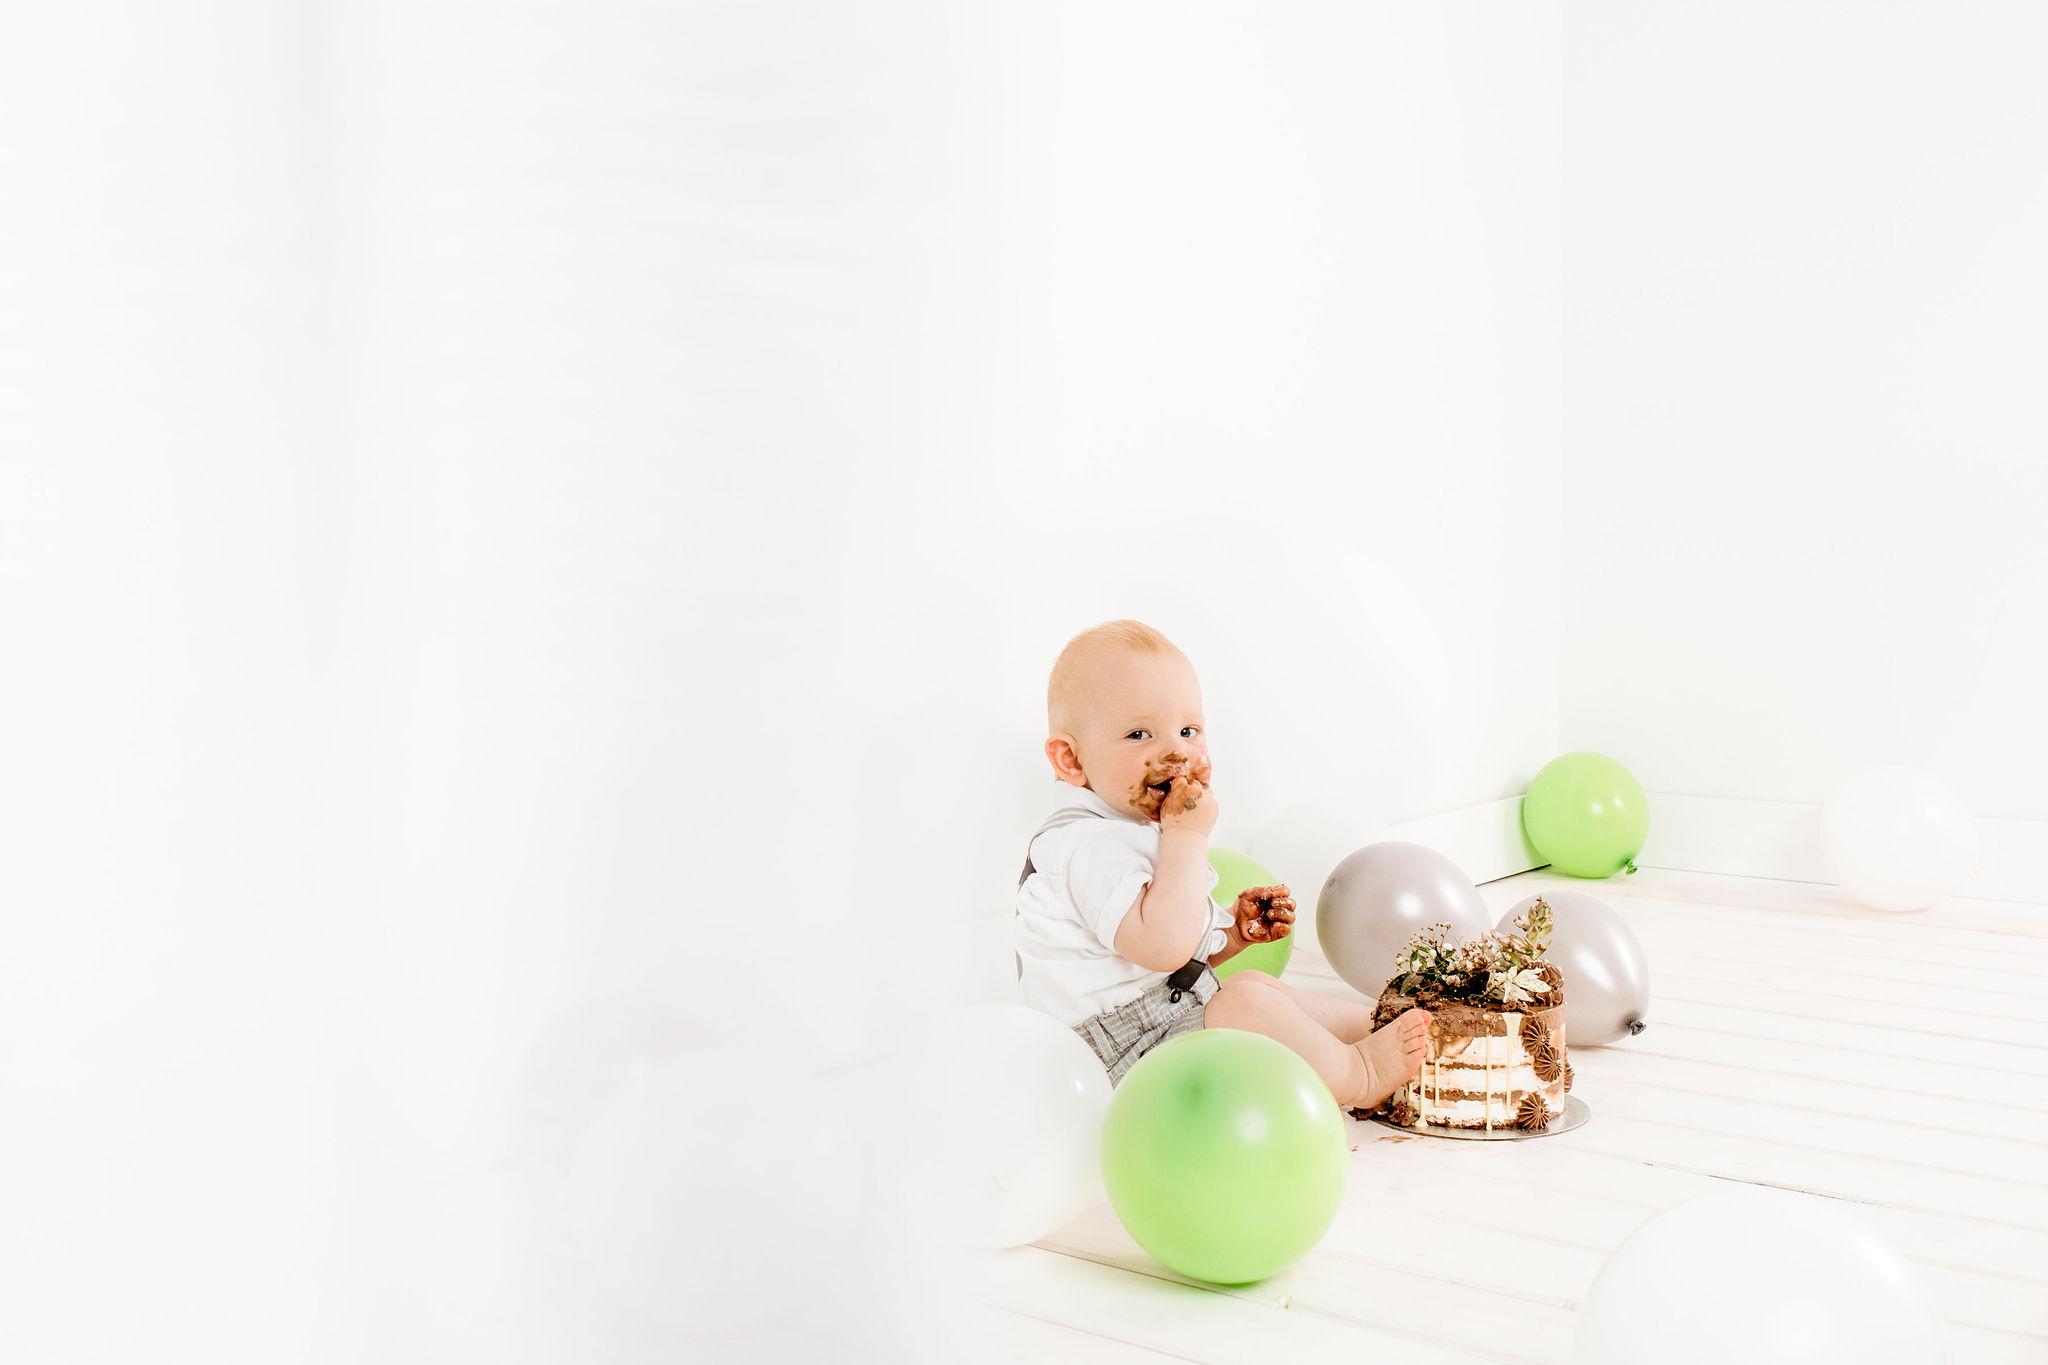 Cake smash J - Luanina pravljica, fotografiranje nosečnic, novorojenčkov, družinic, malčkov, cake smash fotografija 0013